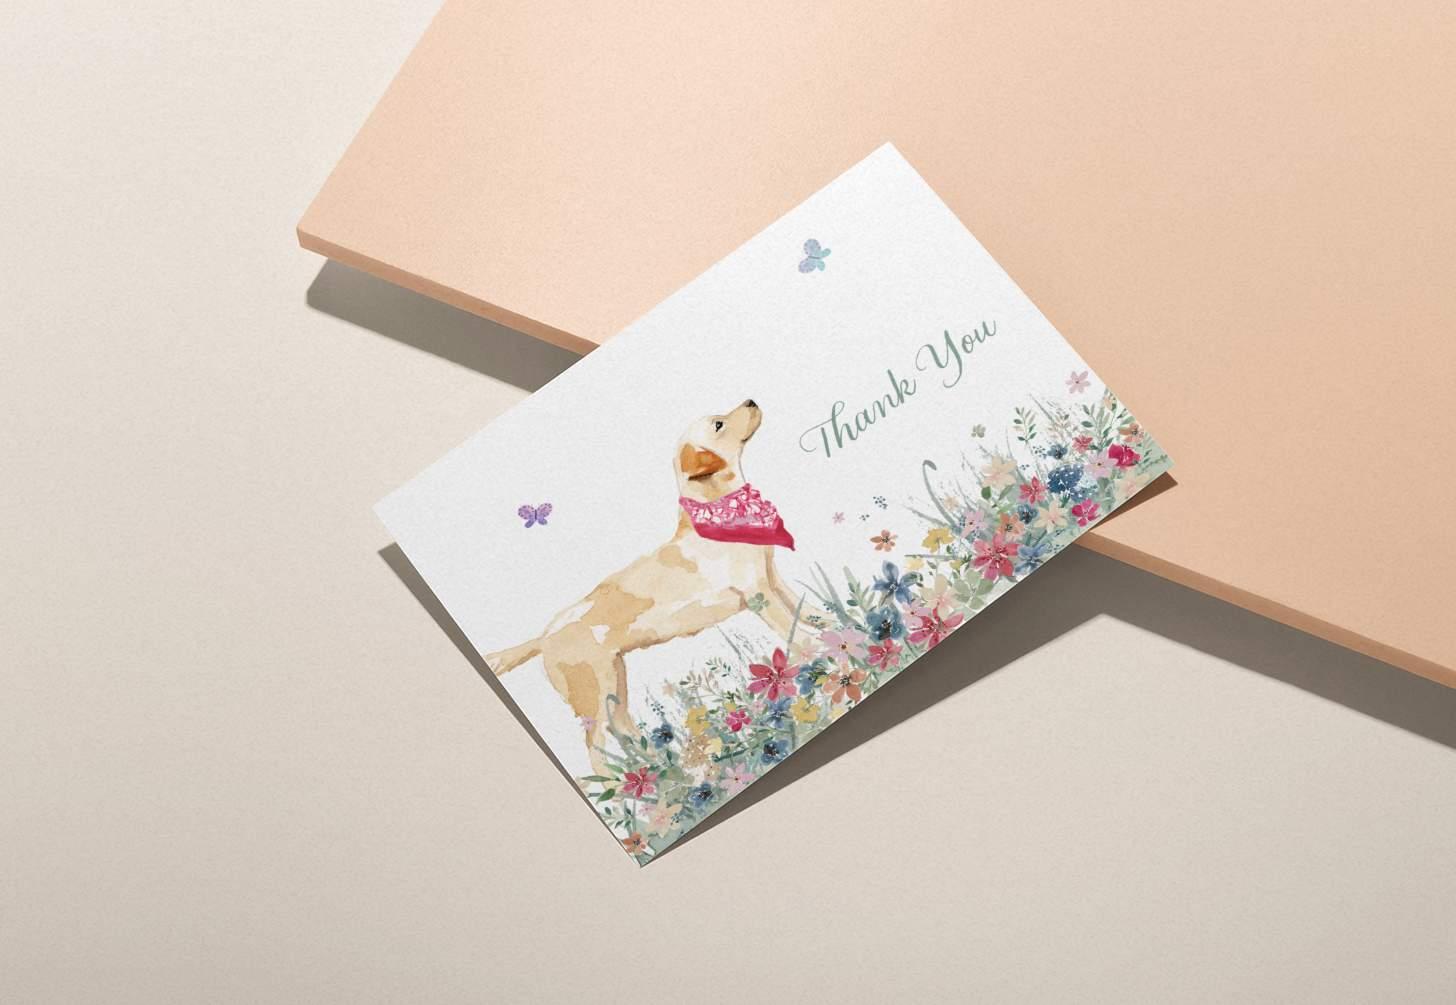 Golden Labrador design on pink background